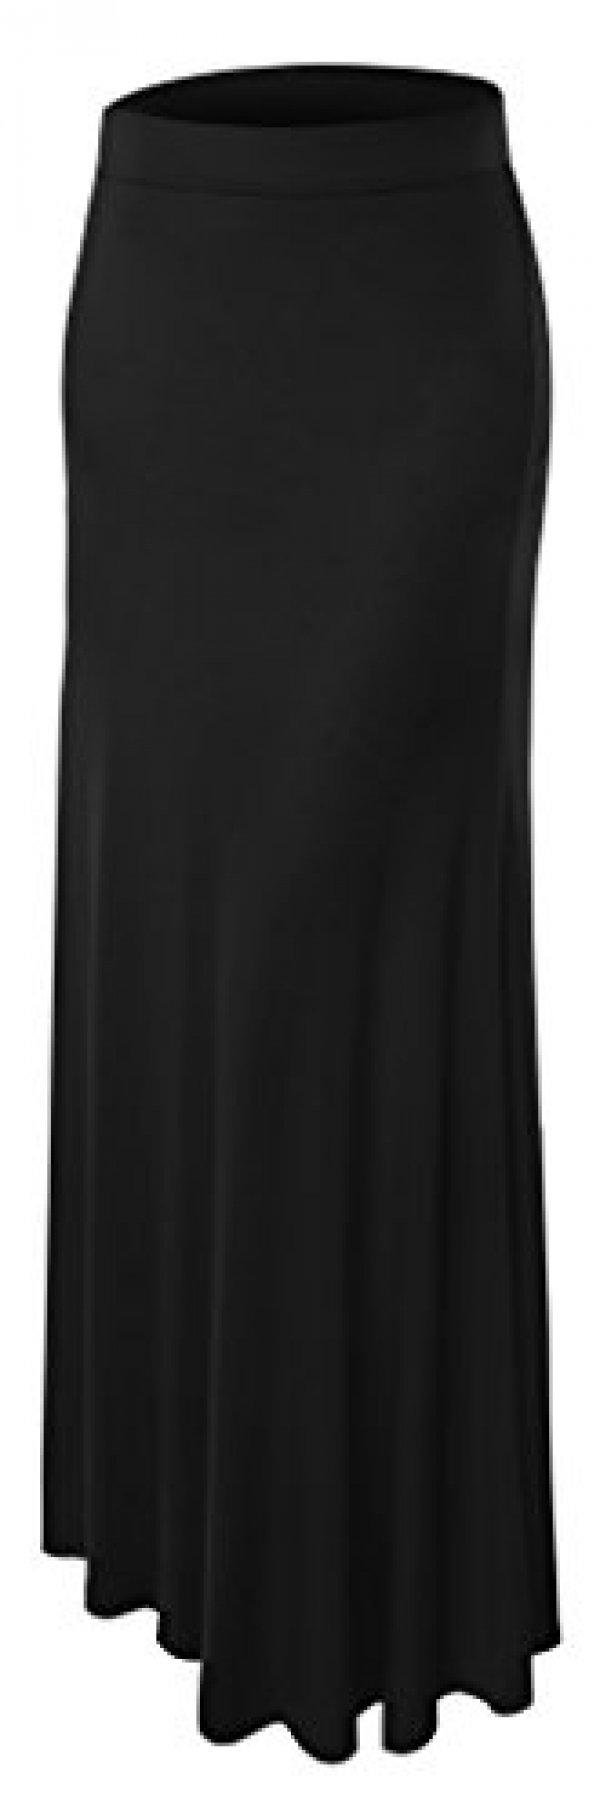 여자 Plue Size Floor Lengh Maxi Skirt 4X-Large 블랙 : 블랙프라이데이 - 네이버쇼핑